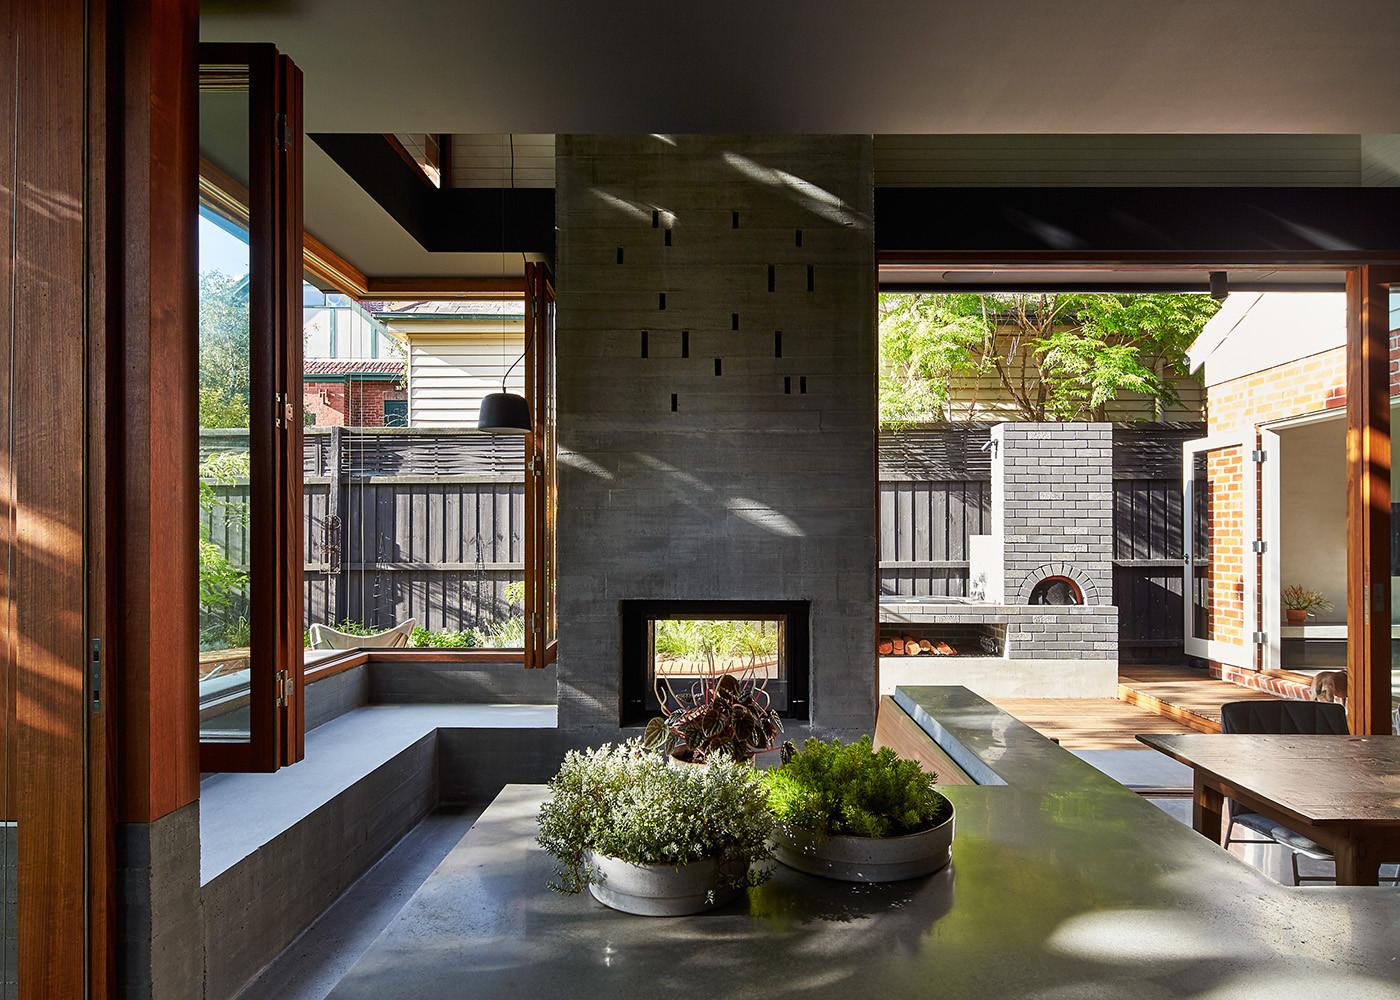 Galeria de casa local make architecture 9 for Create a new house